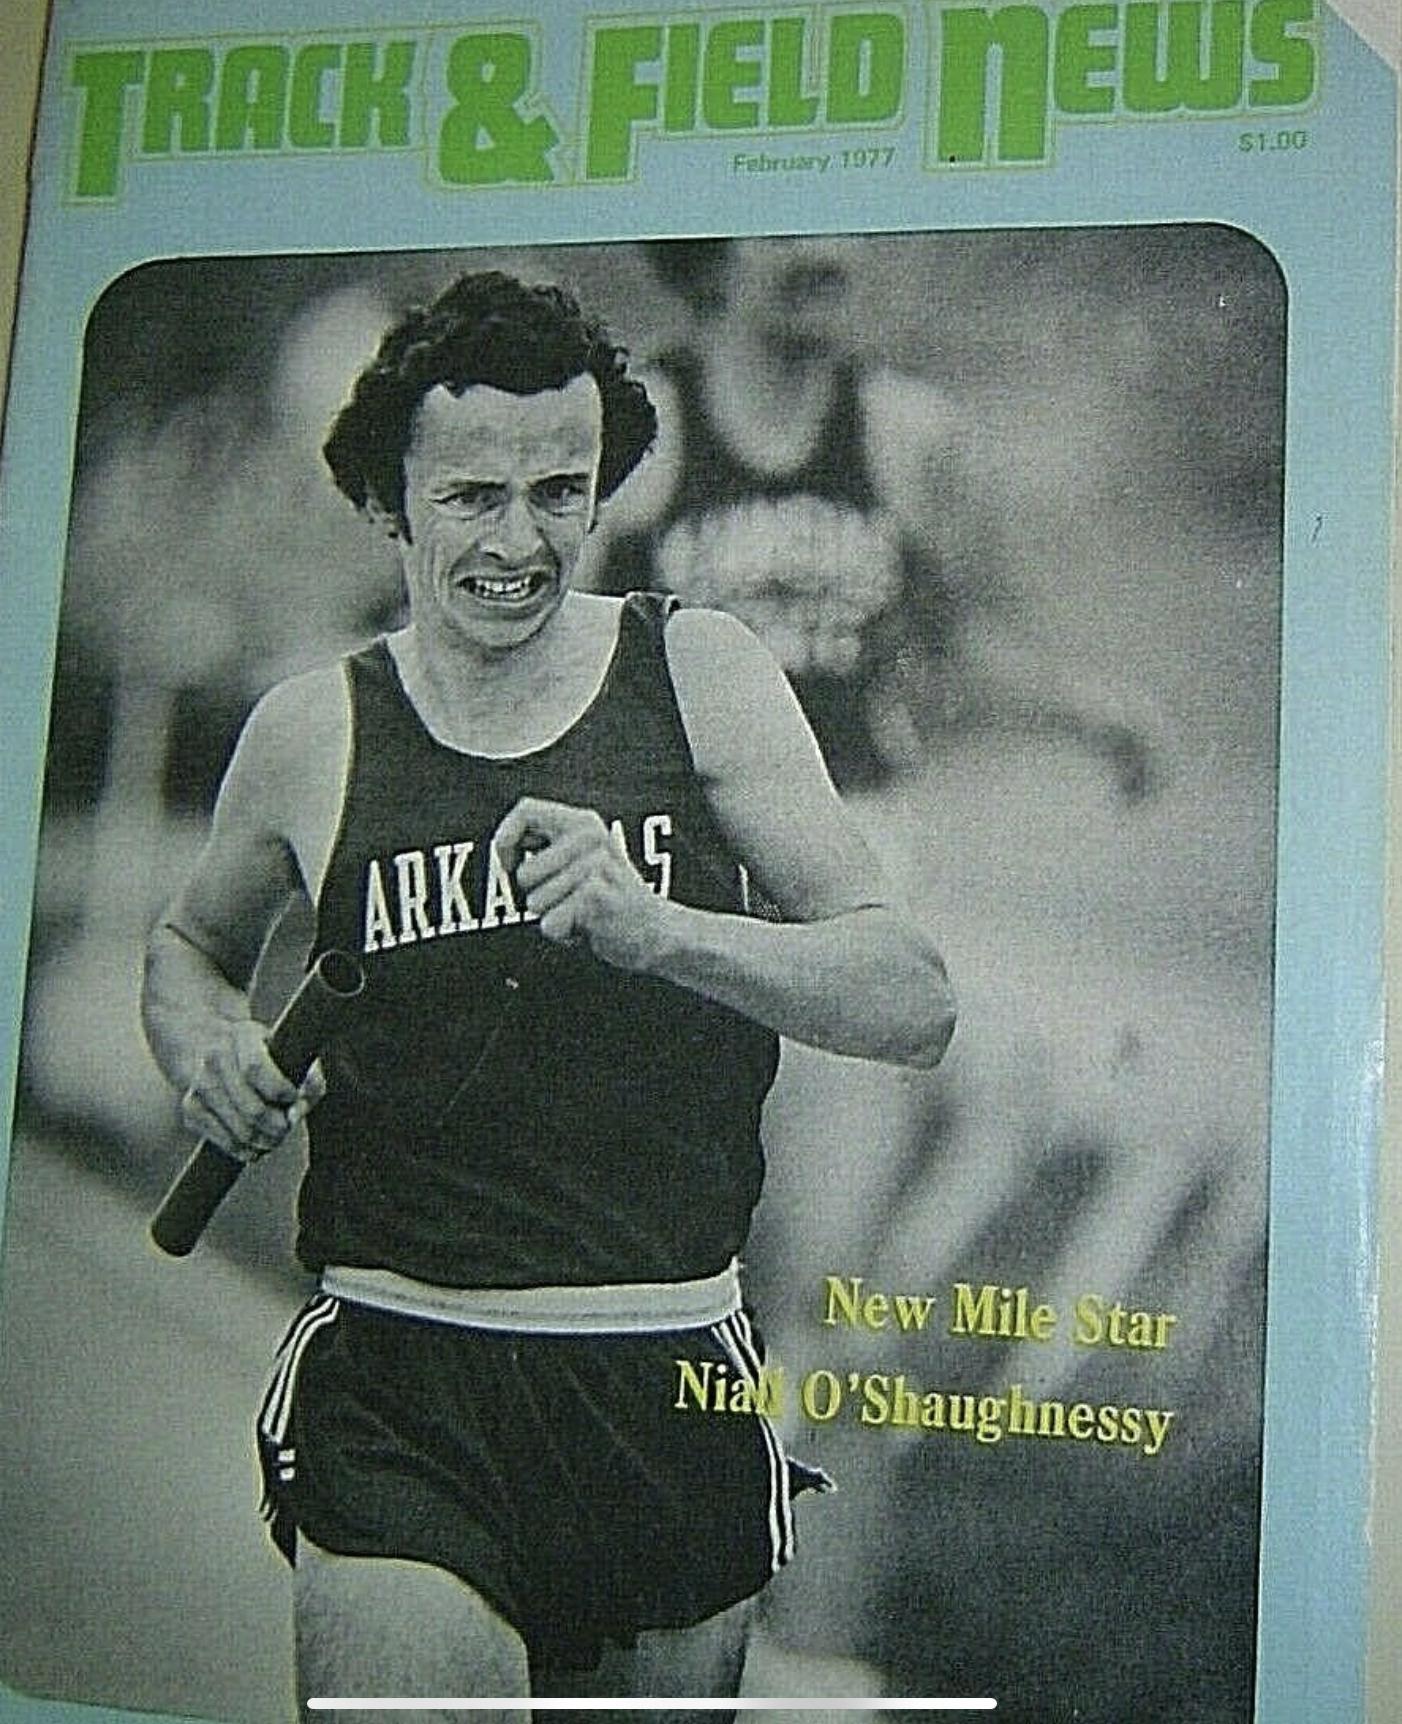 Niall O'Shaughnessy 1977